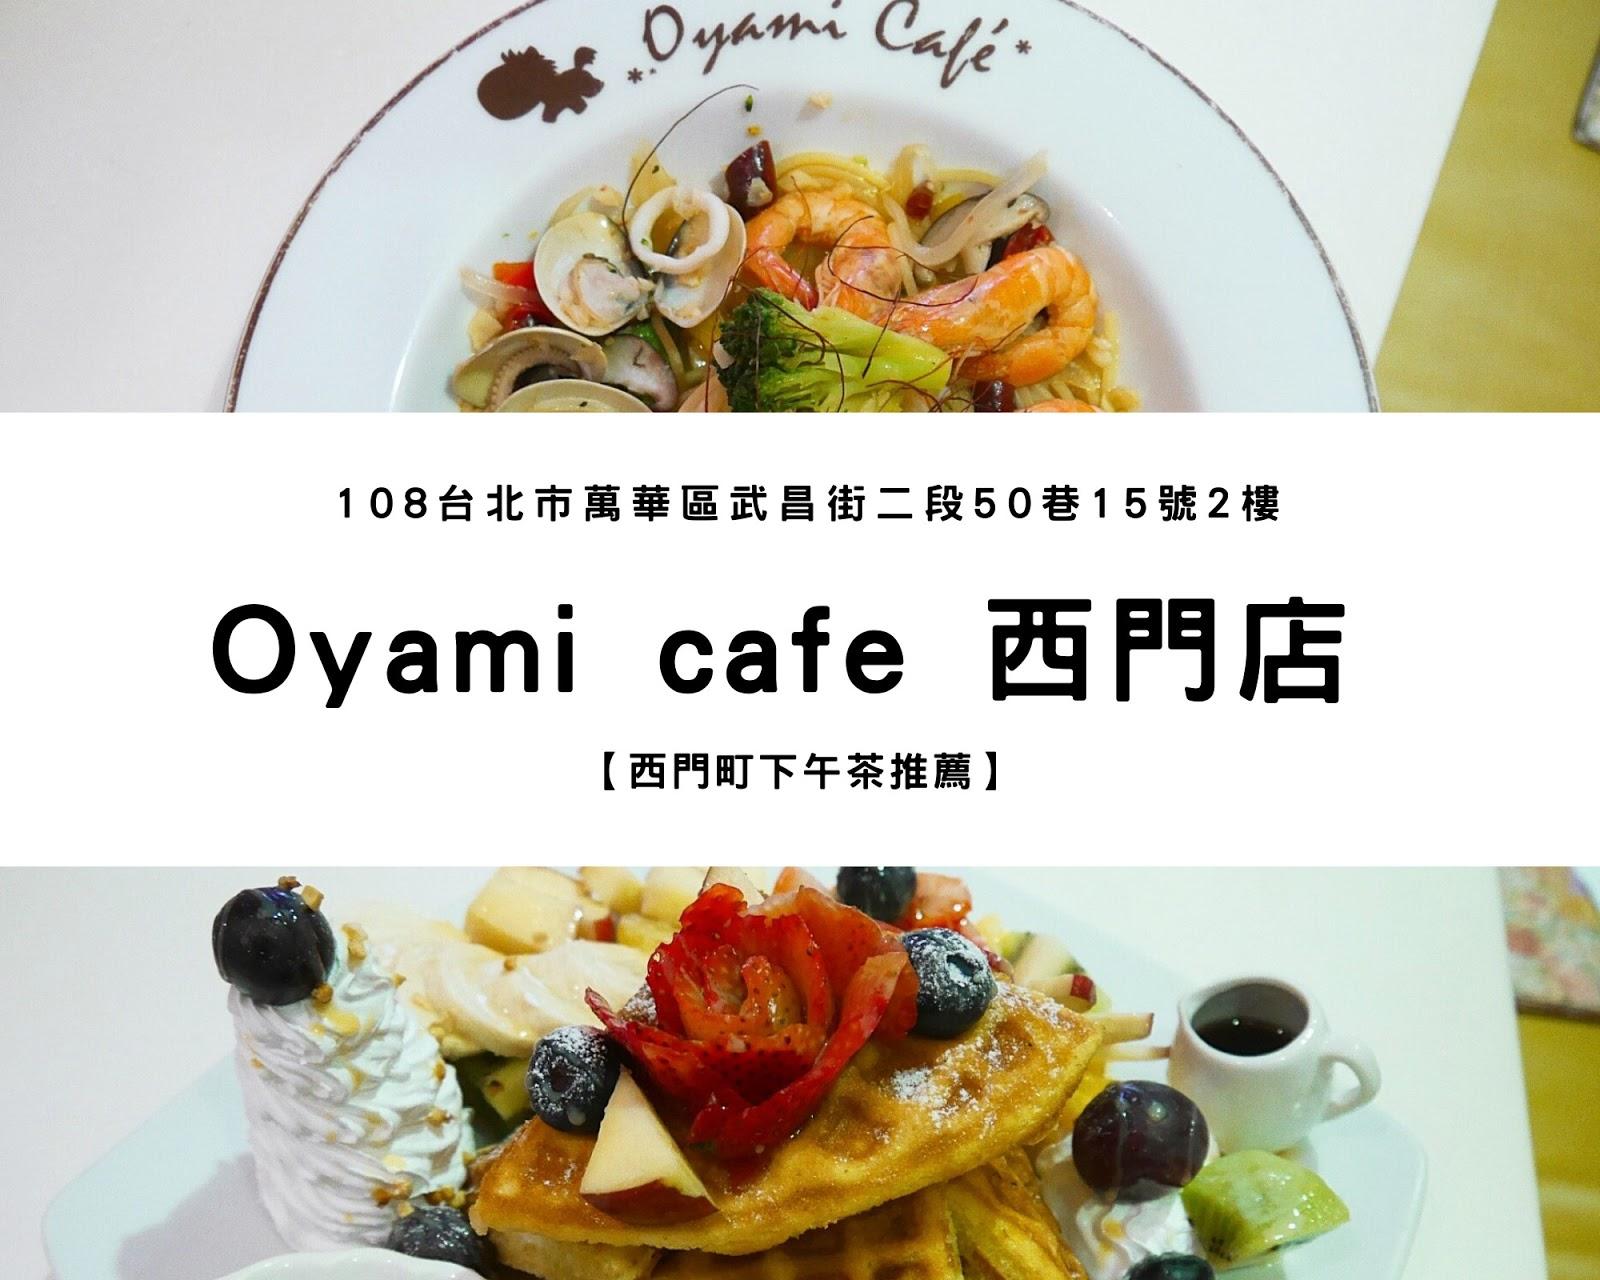 【捷運西門站】二訪Oyami cafe|西門下午茶推薦,食物依舊美味、防疫升級用餐更安心